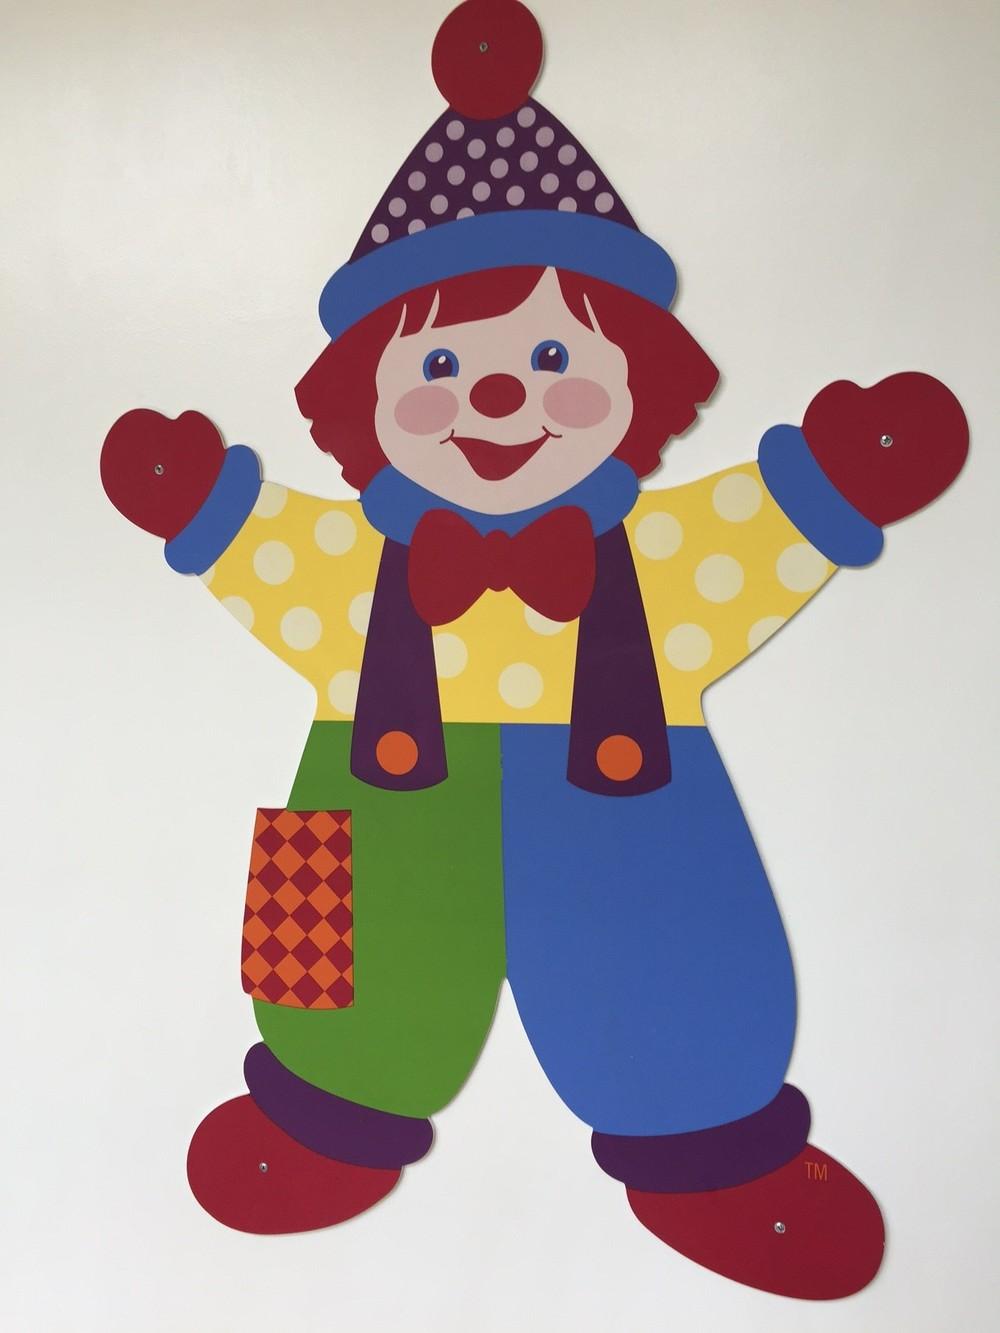 Voici Gymbo le Clown mascotte de GYMBOREE